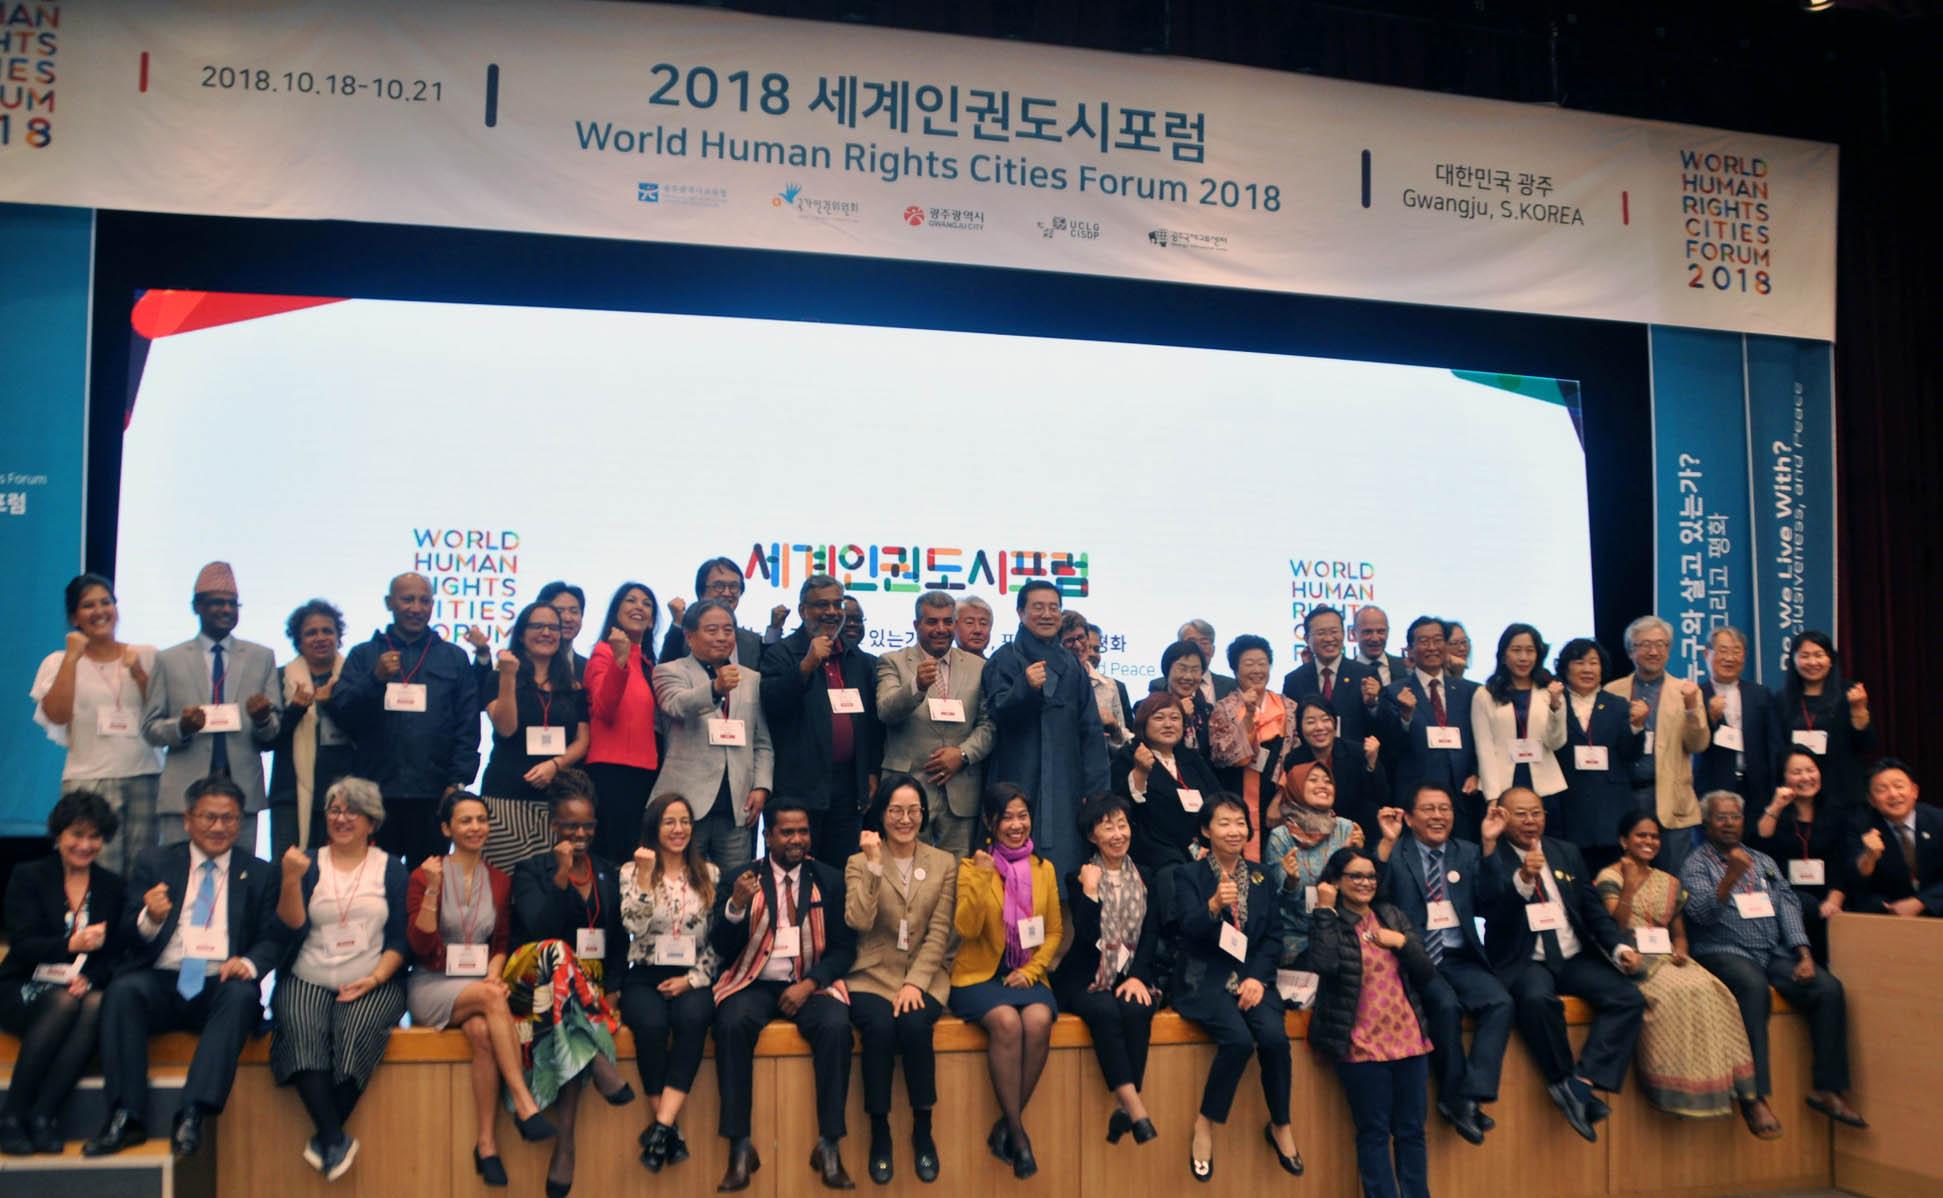 WHRCF participants